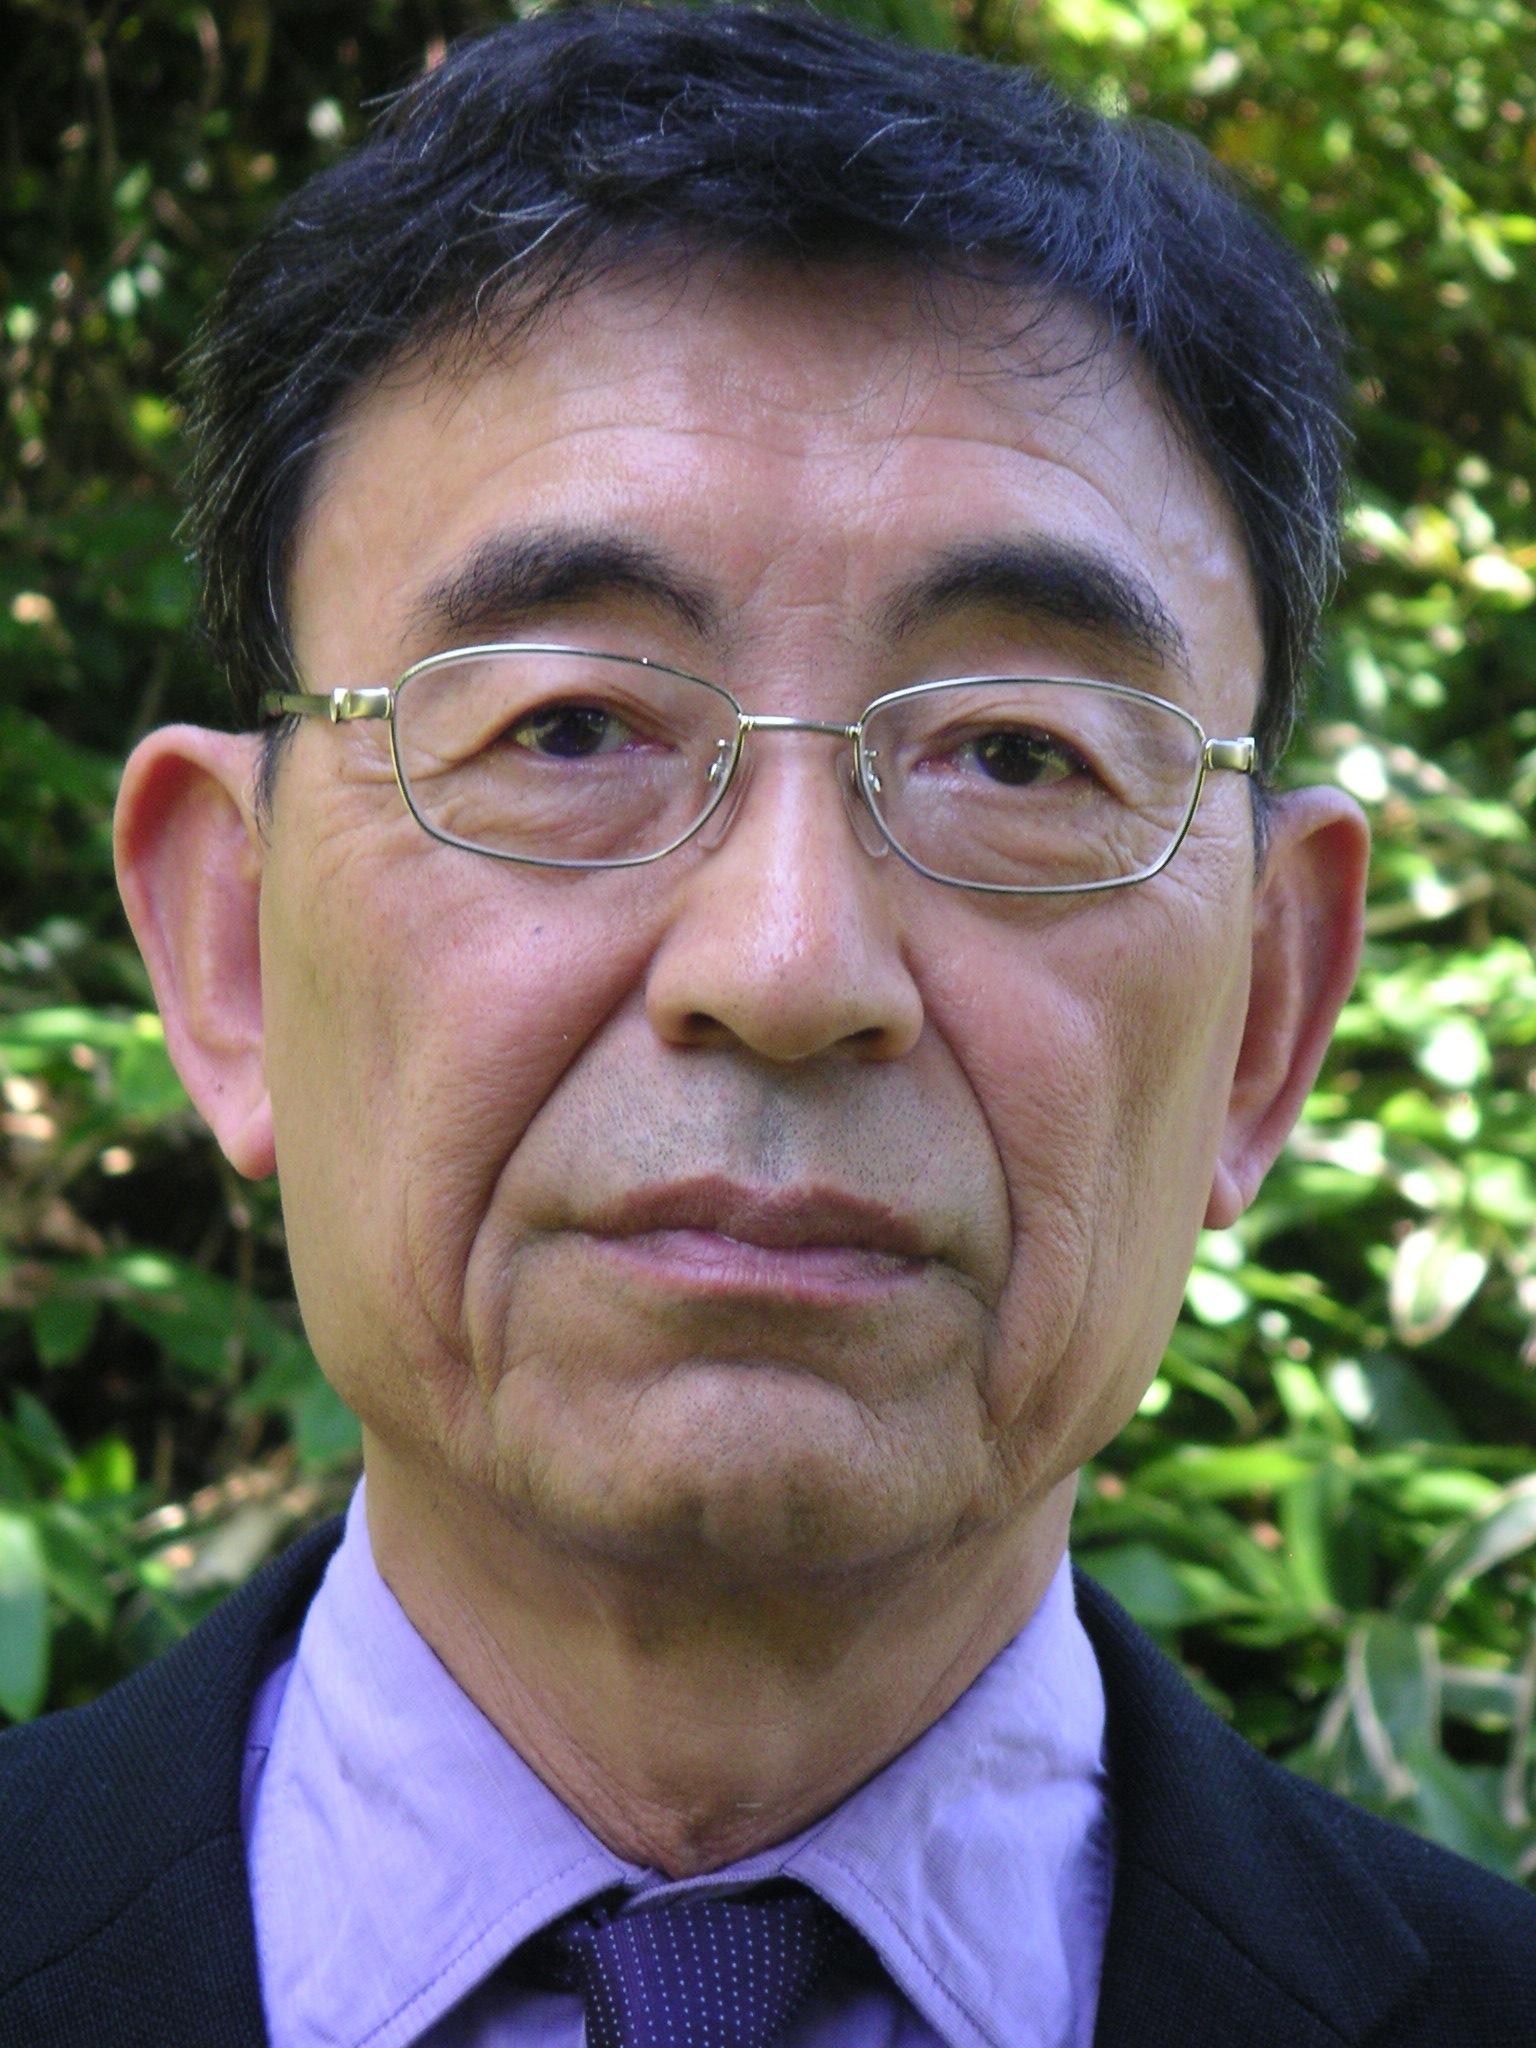 吉川一義『失われた時を求めて14』〈著者からのメッセージ〉   web岩波